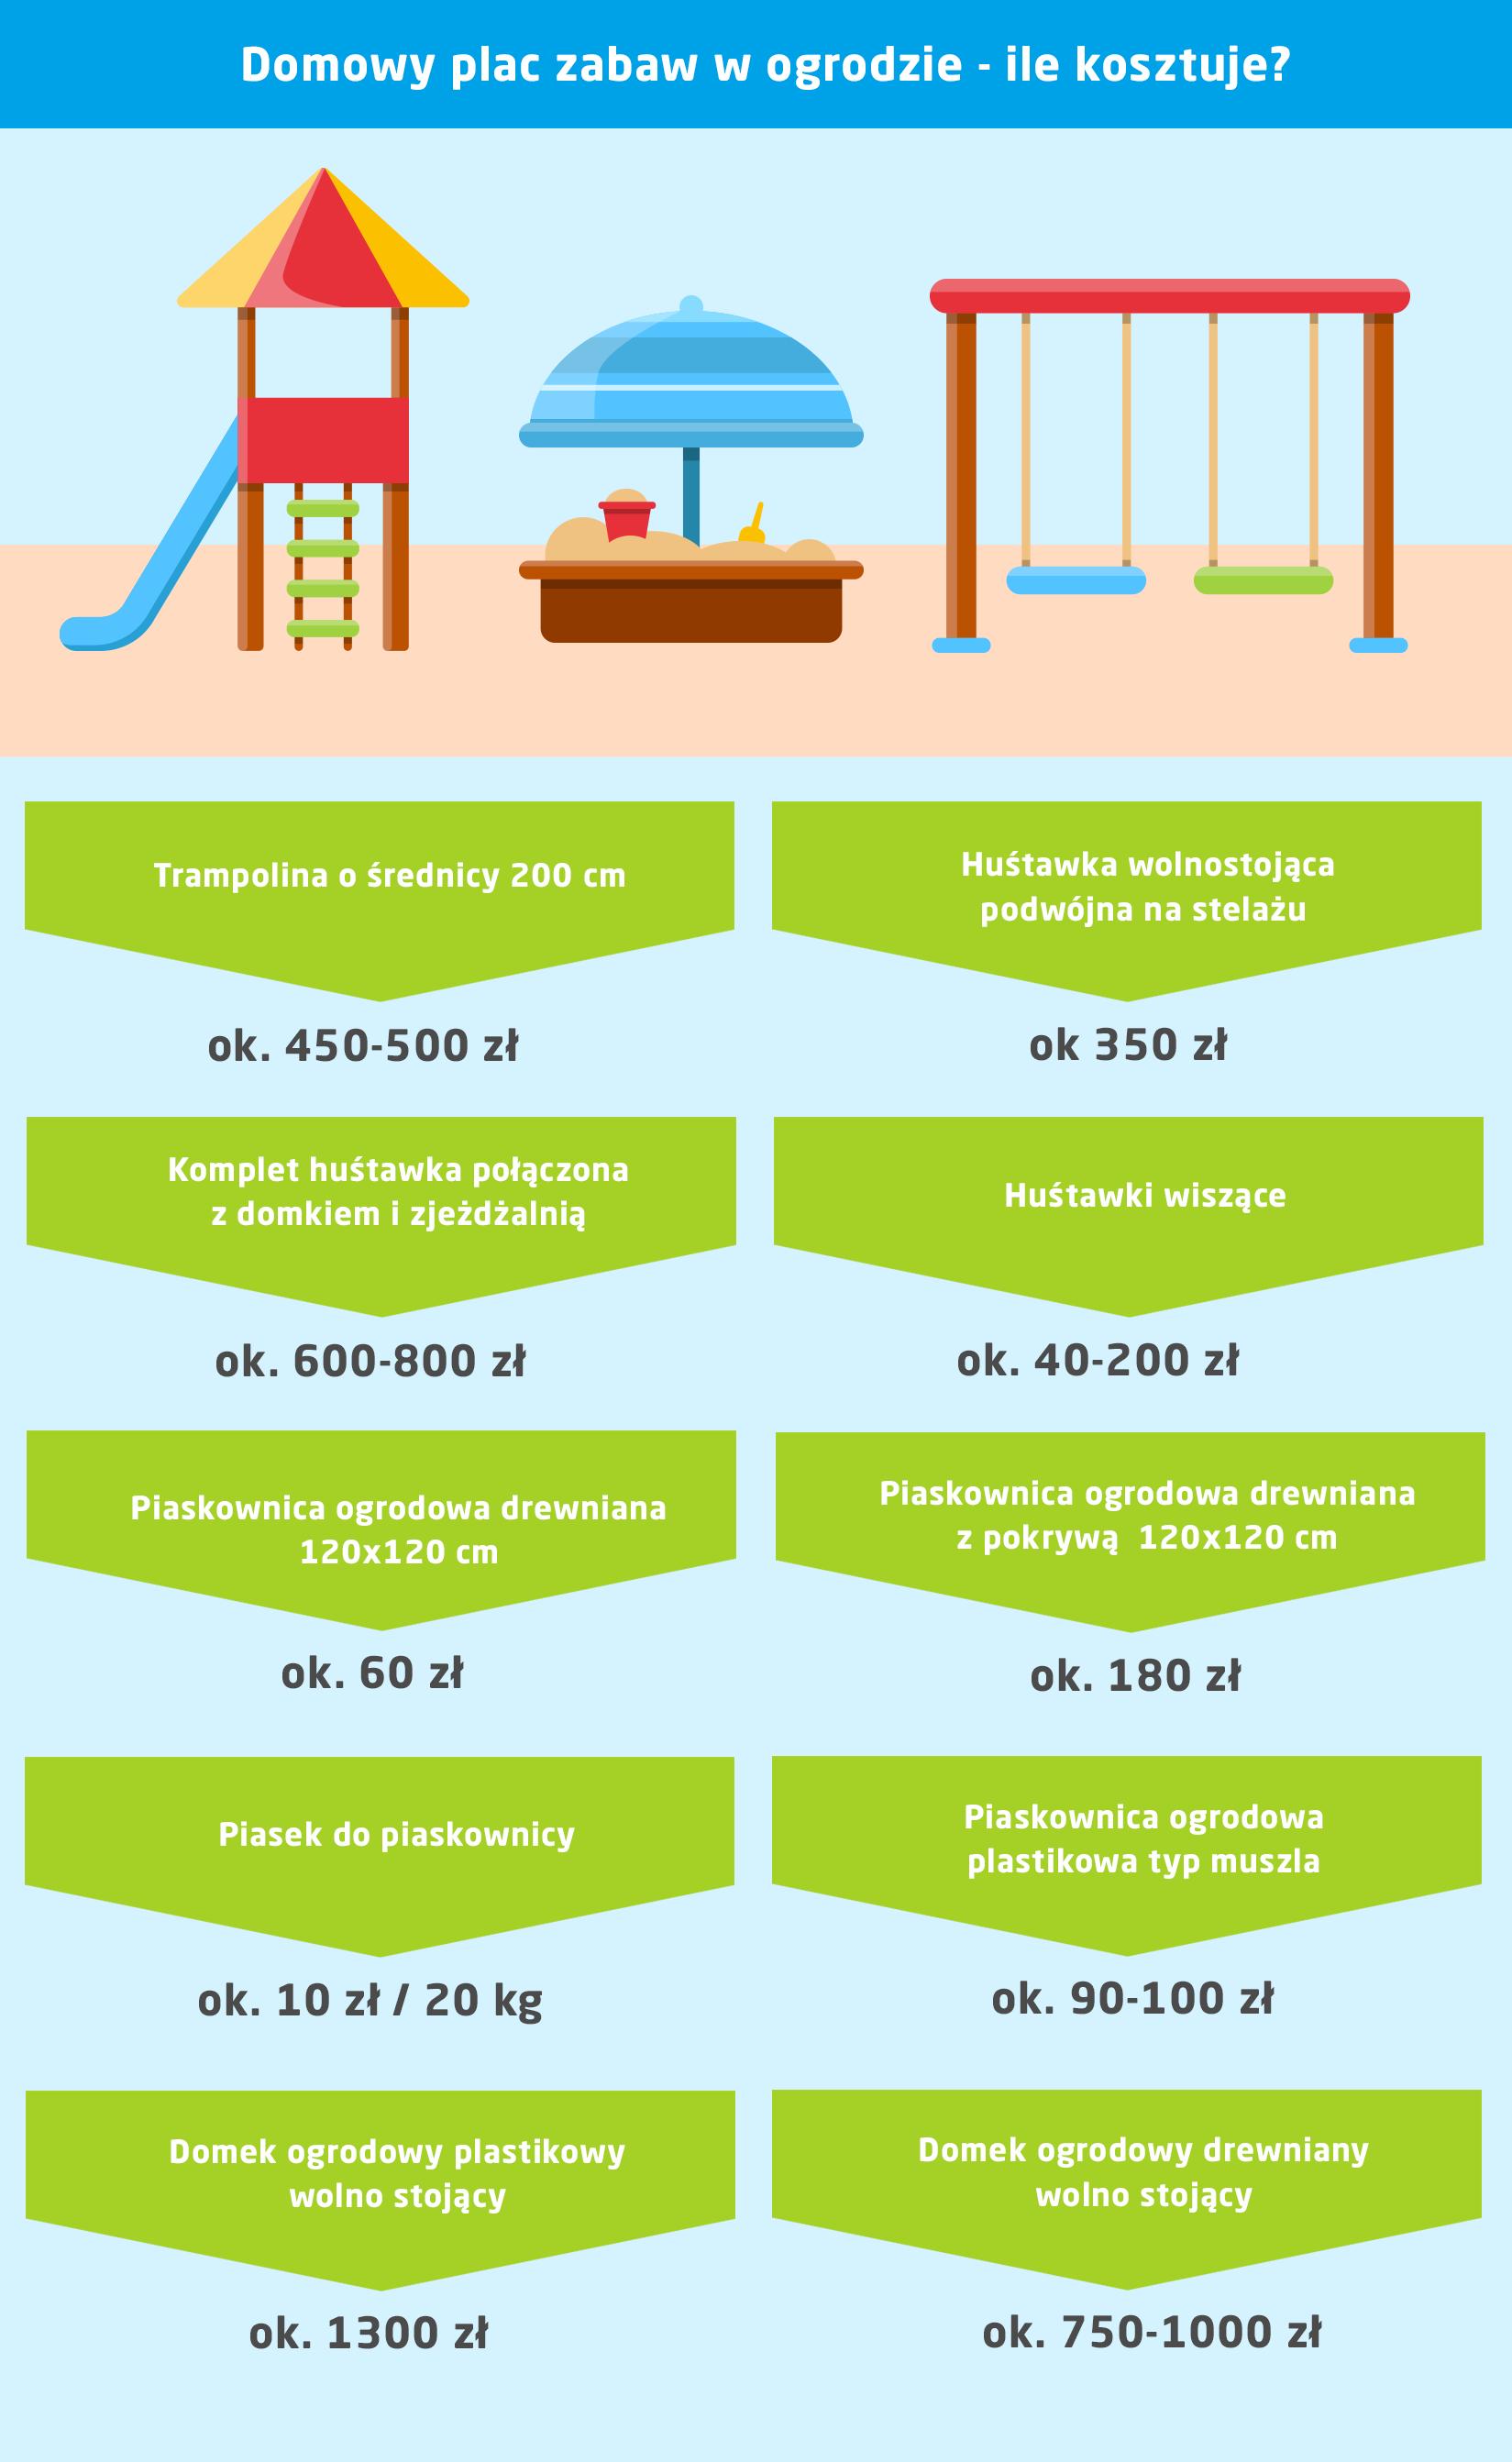 Przydomowy plac zabaw w ogrodzie - ile kosztuje - infografika